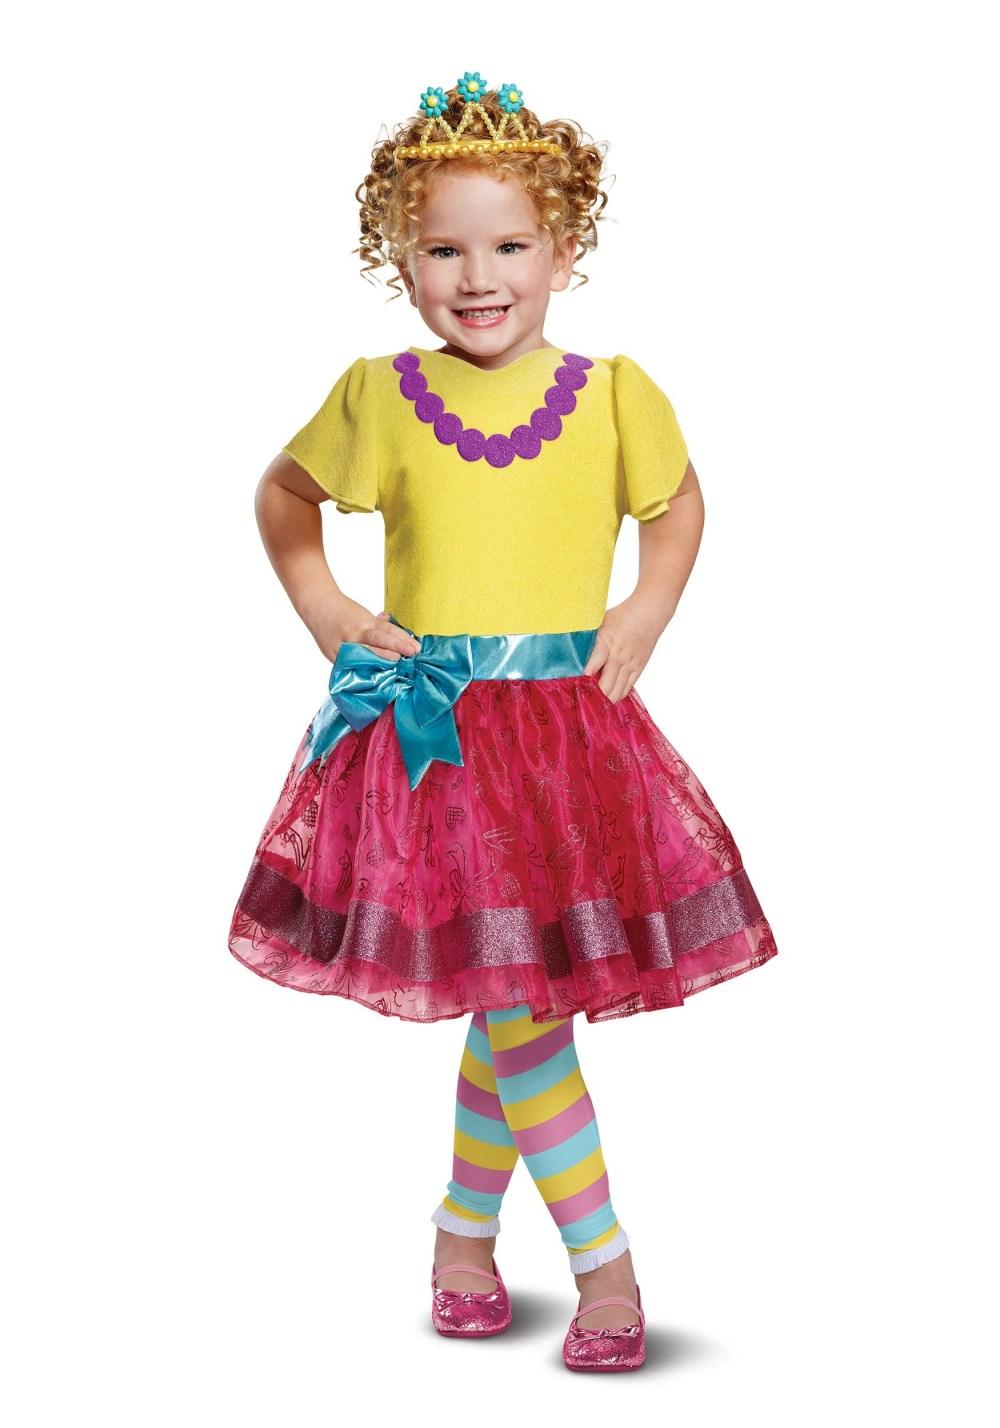 medium resolution of girlu0027s deluxe fancy nancy costume sc 1 st halloween costumes